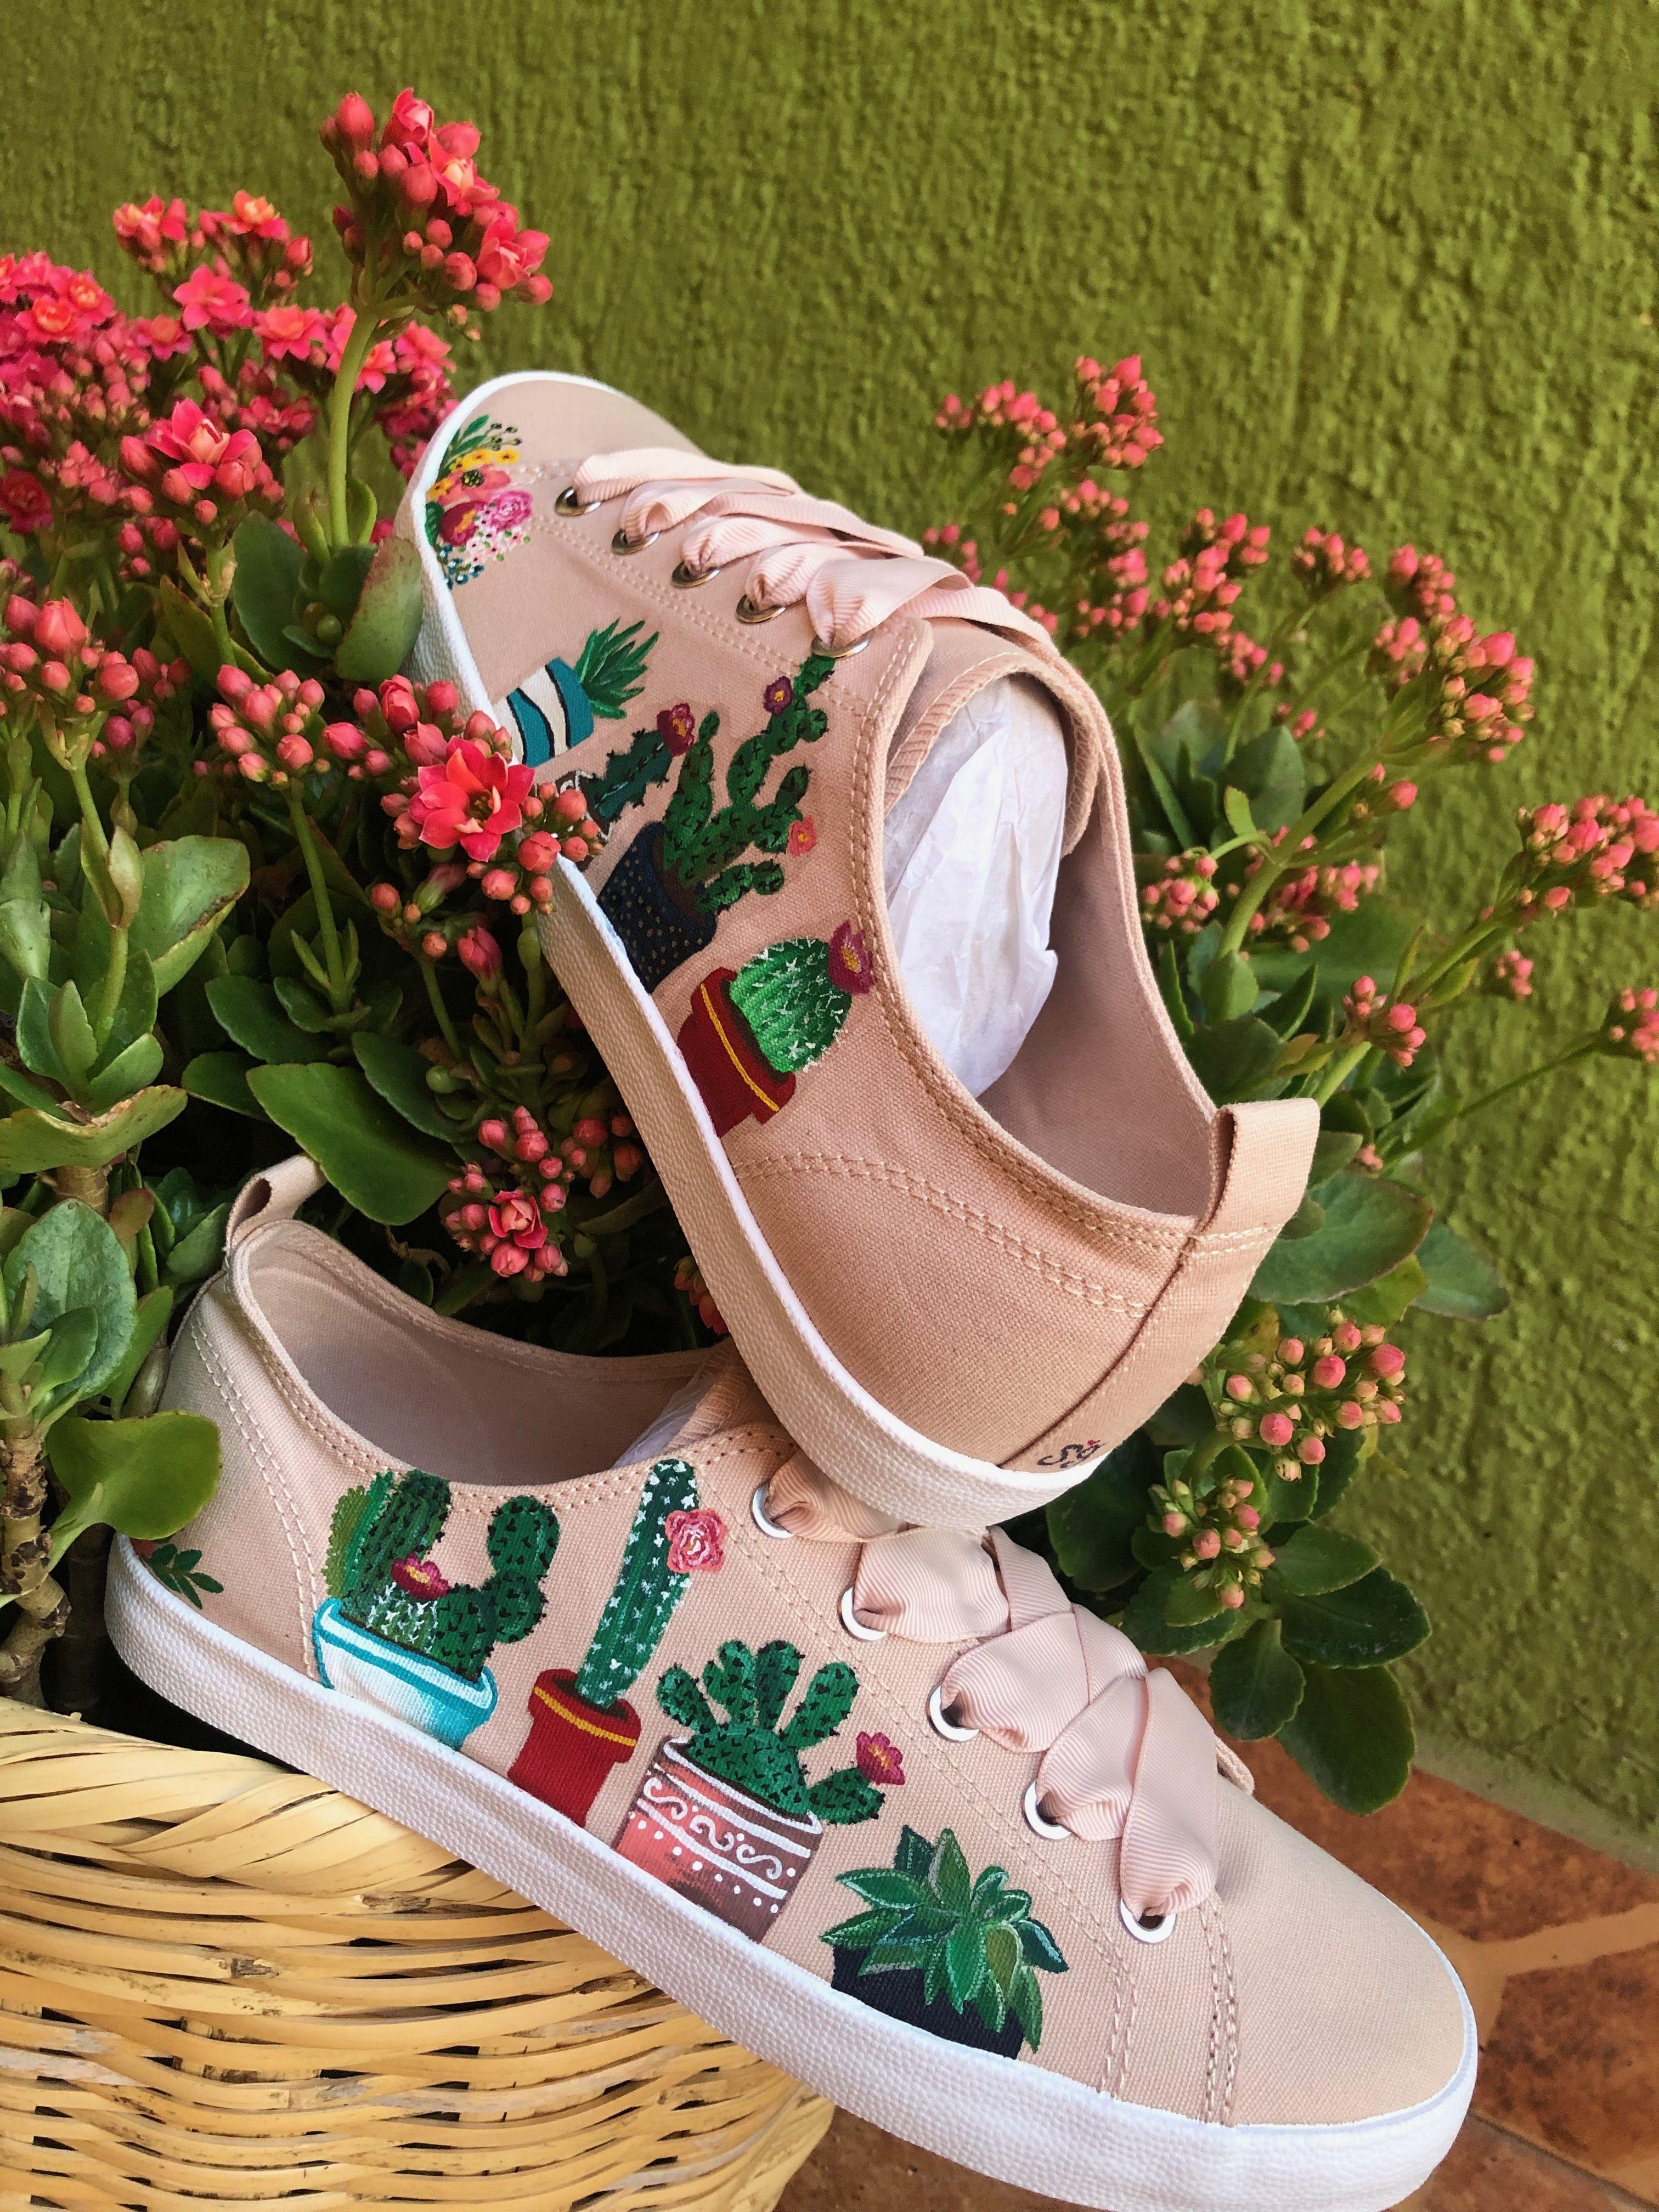 Tenis beige de tela, cactus pintados a mano. Personalizados